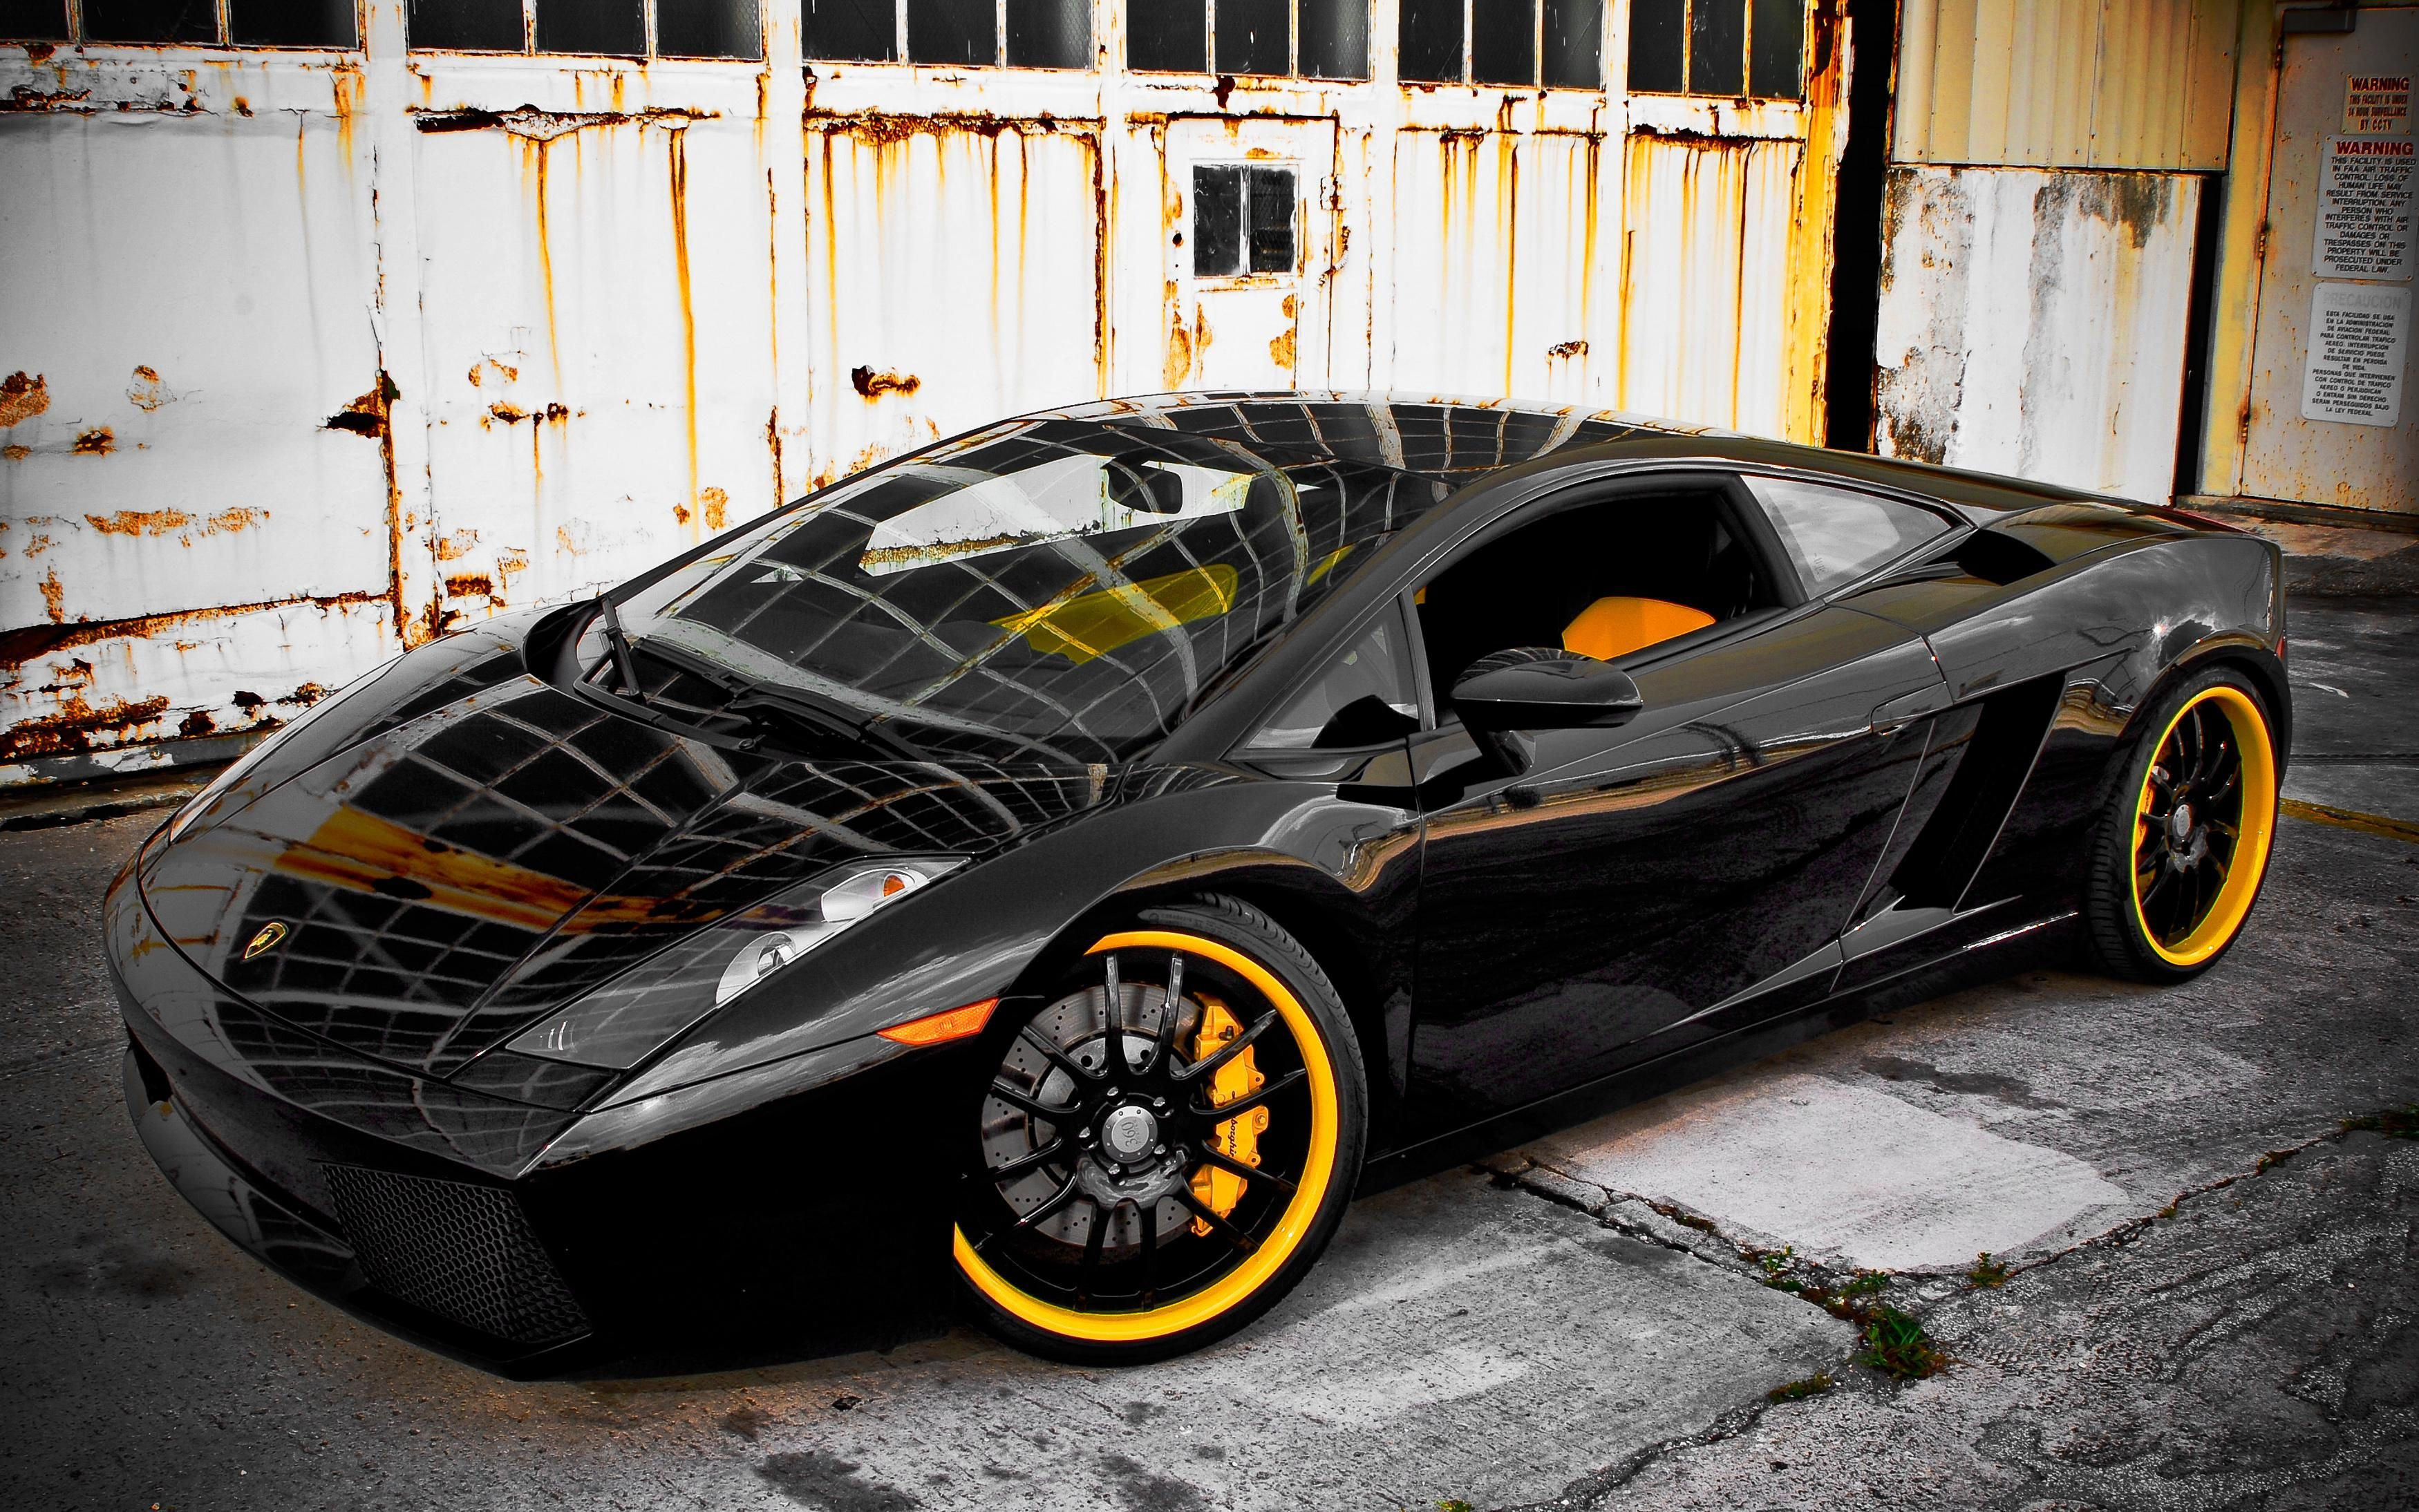 360 Forjado Lamborghini Gallardo Preto Hd Papel De Parede